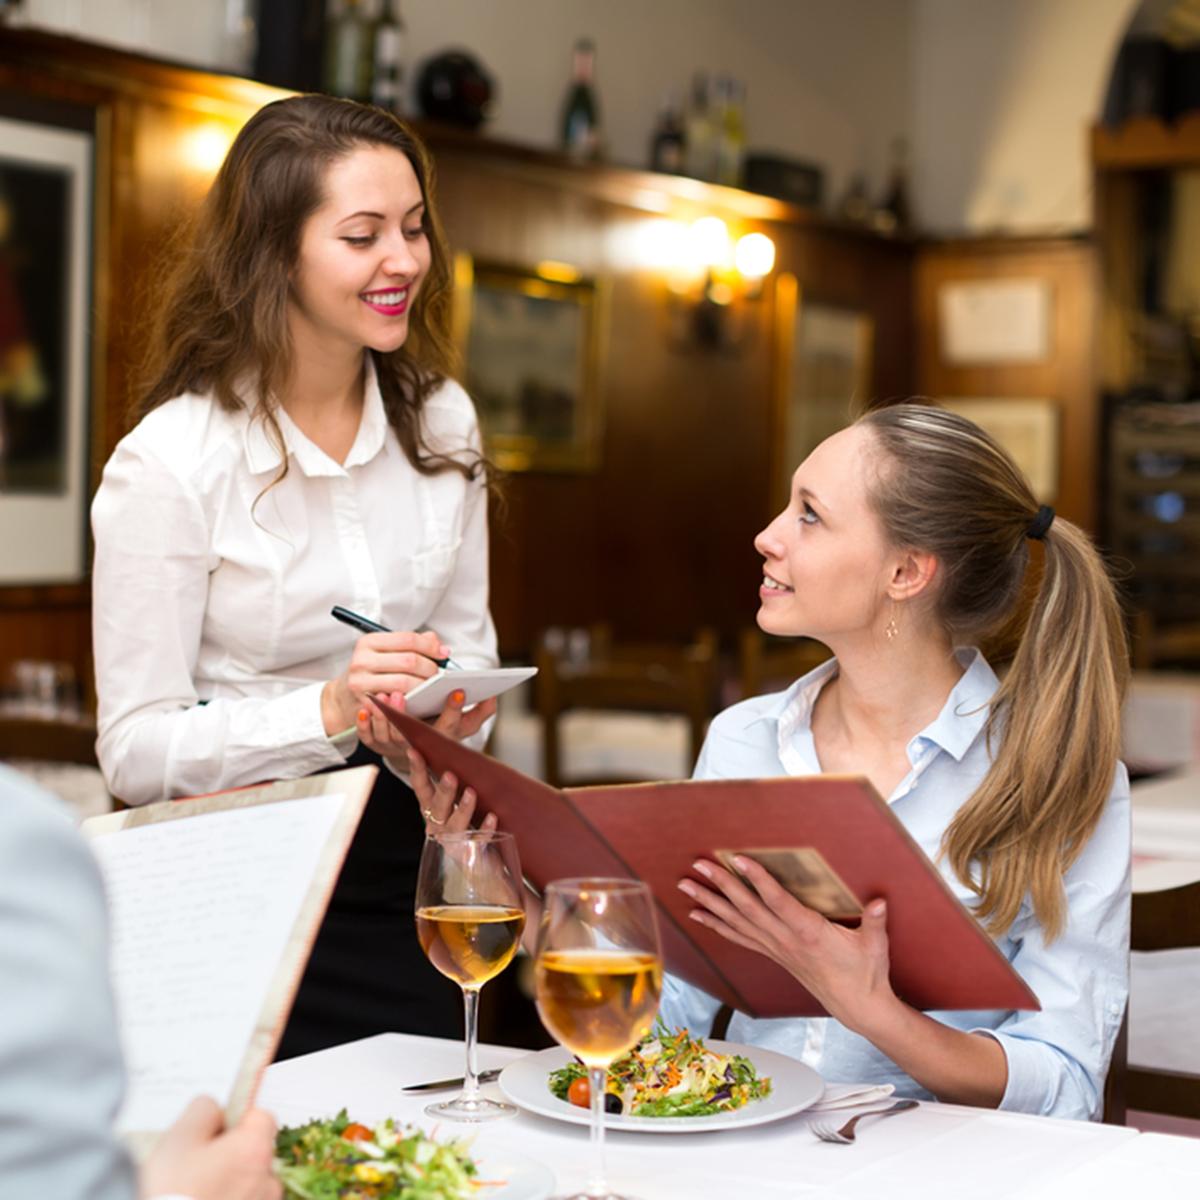 Giao tiếp tiếng Anh tại nhà hàng3